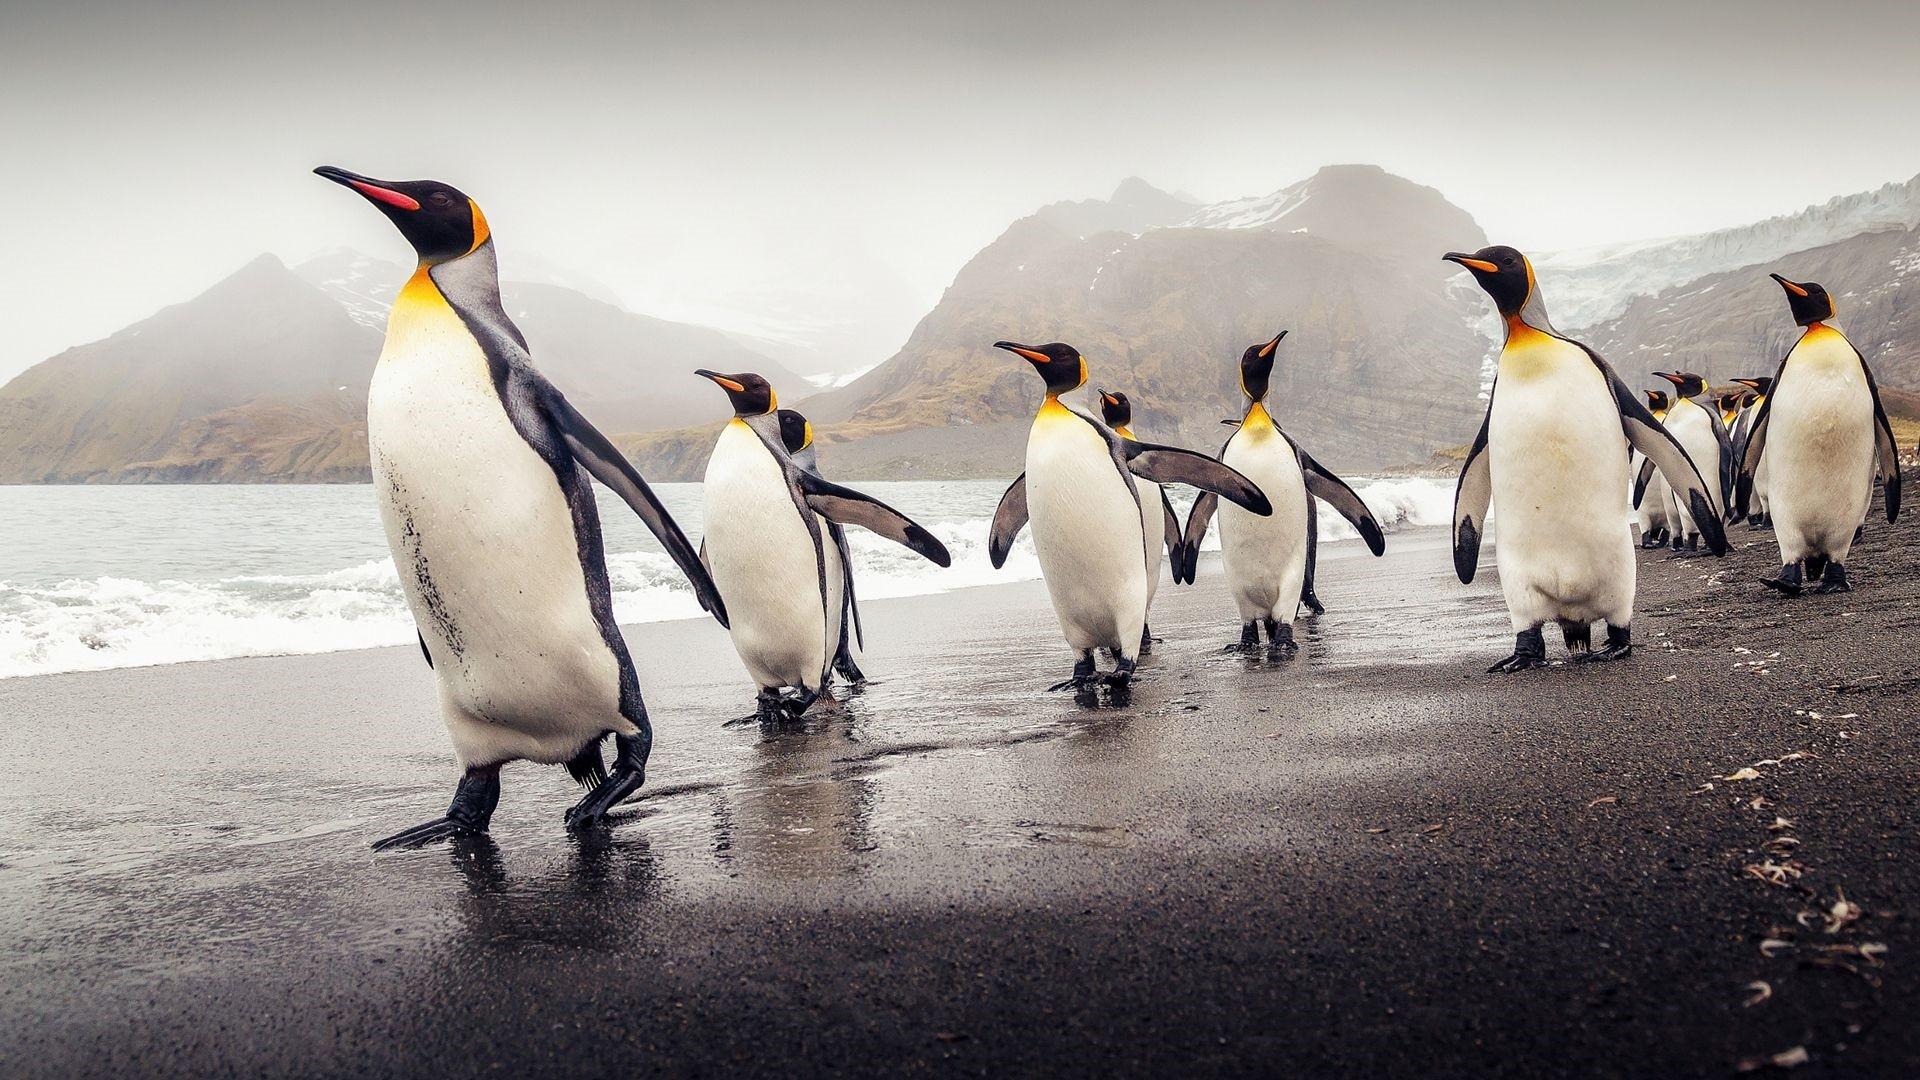 Penguin Download Wallpaper